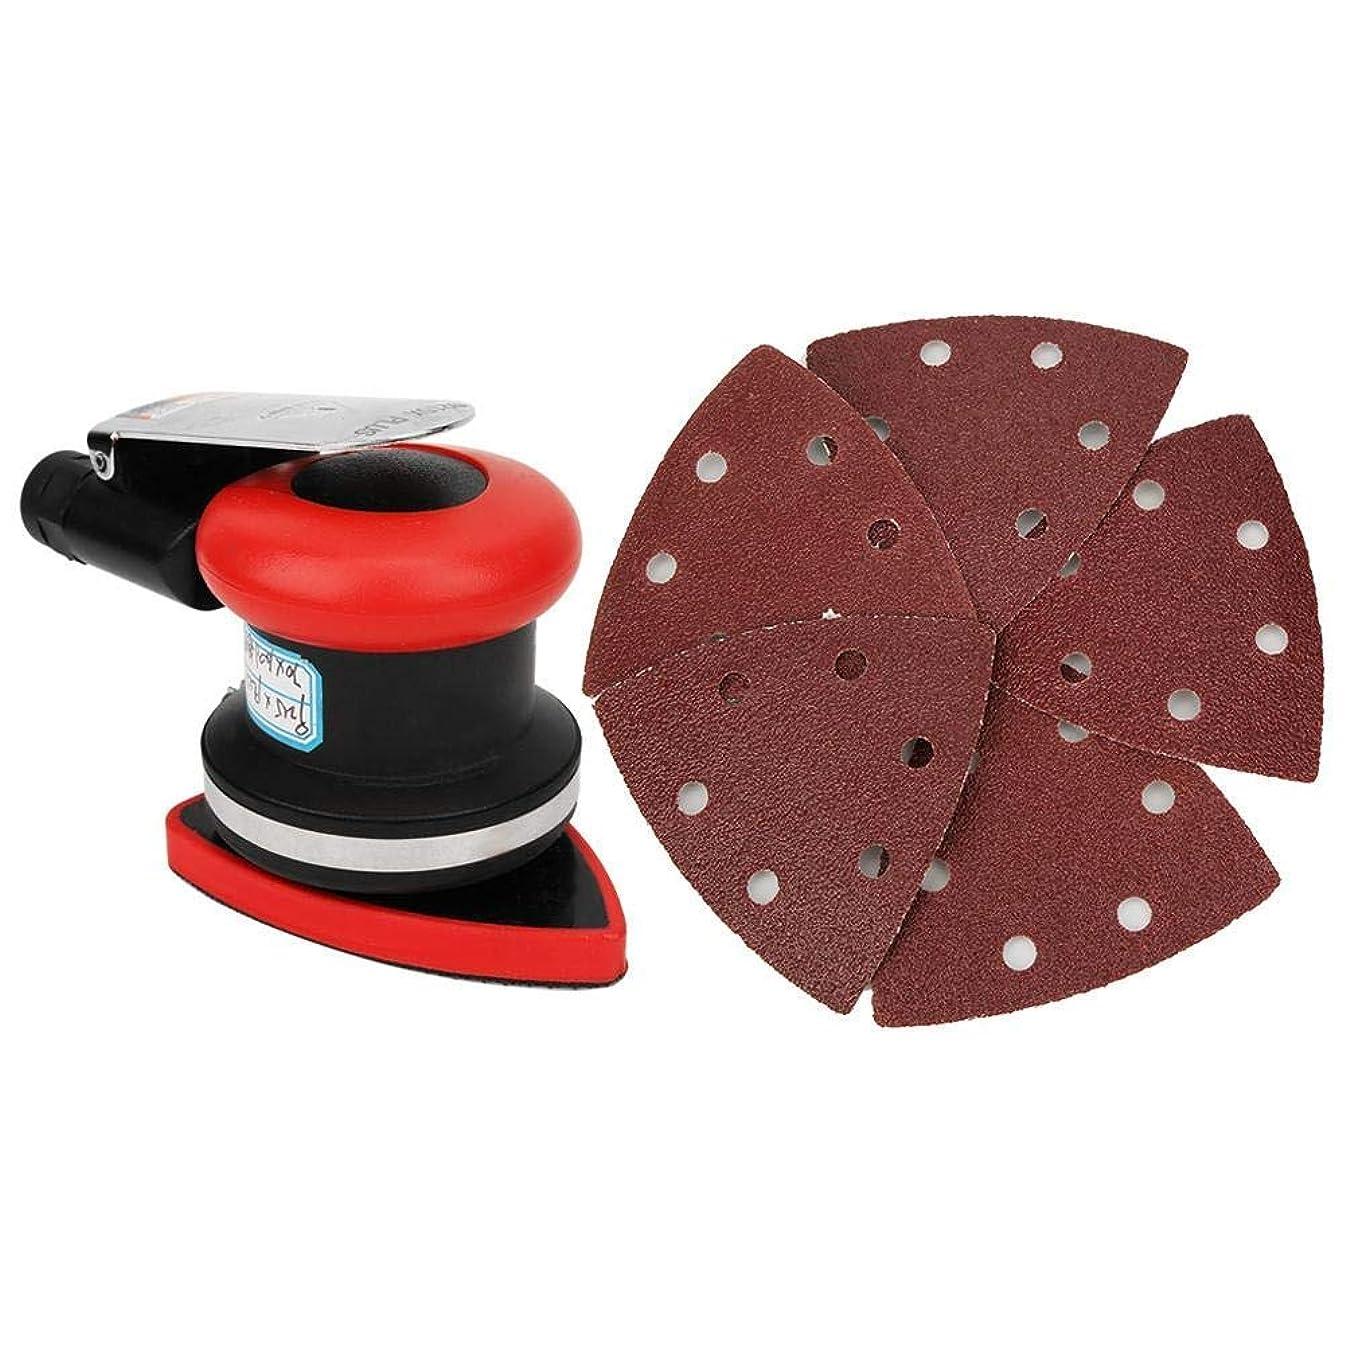 無実適応エンジニアBZM-ZM パワー?オービット?サンダース、耐久性に優れたエアーオービタルサンダーメタル木工研磨のための三角サンドペーパー研磨研削盤ハンドパワーツール